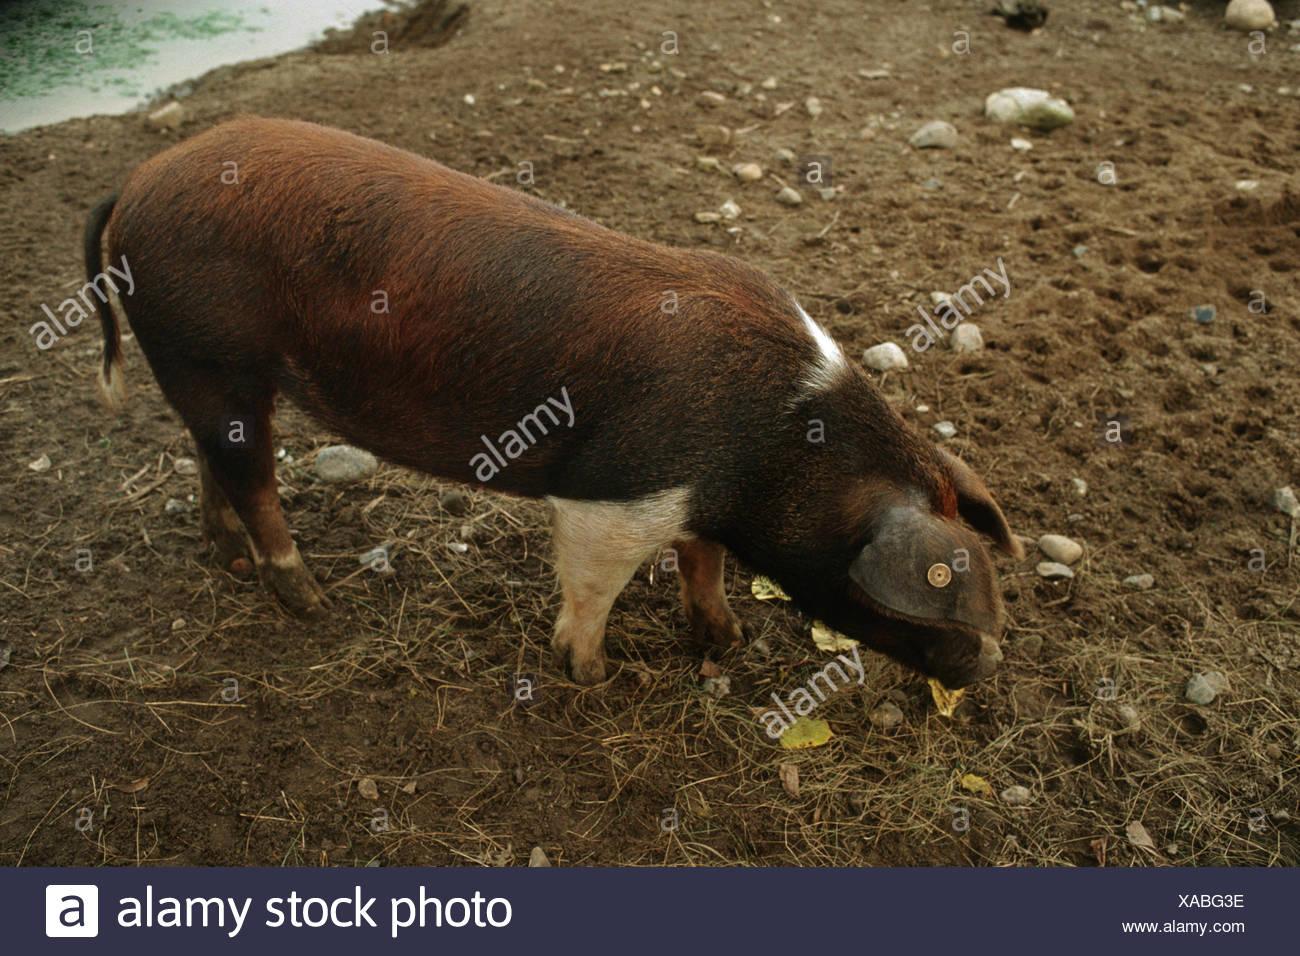 Protesta danés cerdo (Sus scrofa f. domestica), buscando comida en un suelo de tierra Imagen De Stock